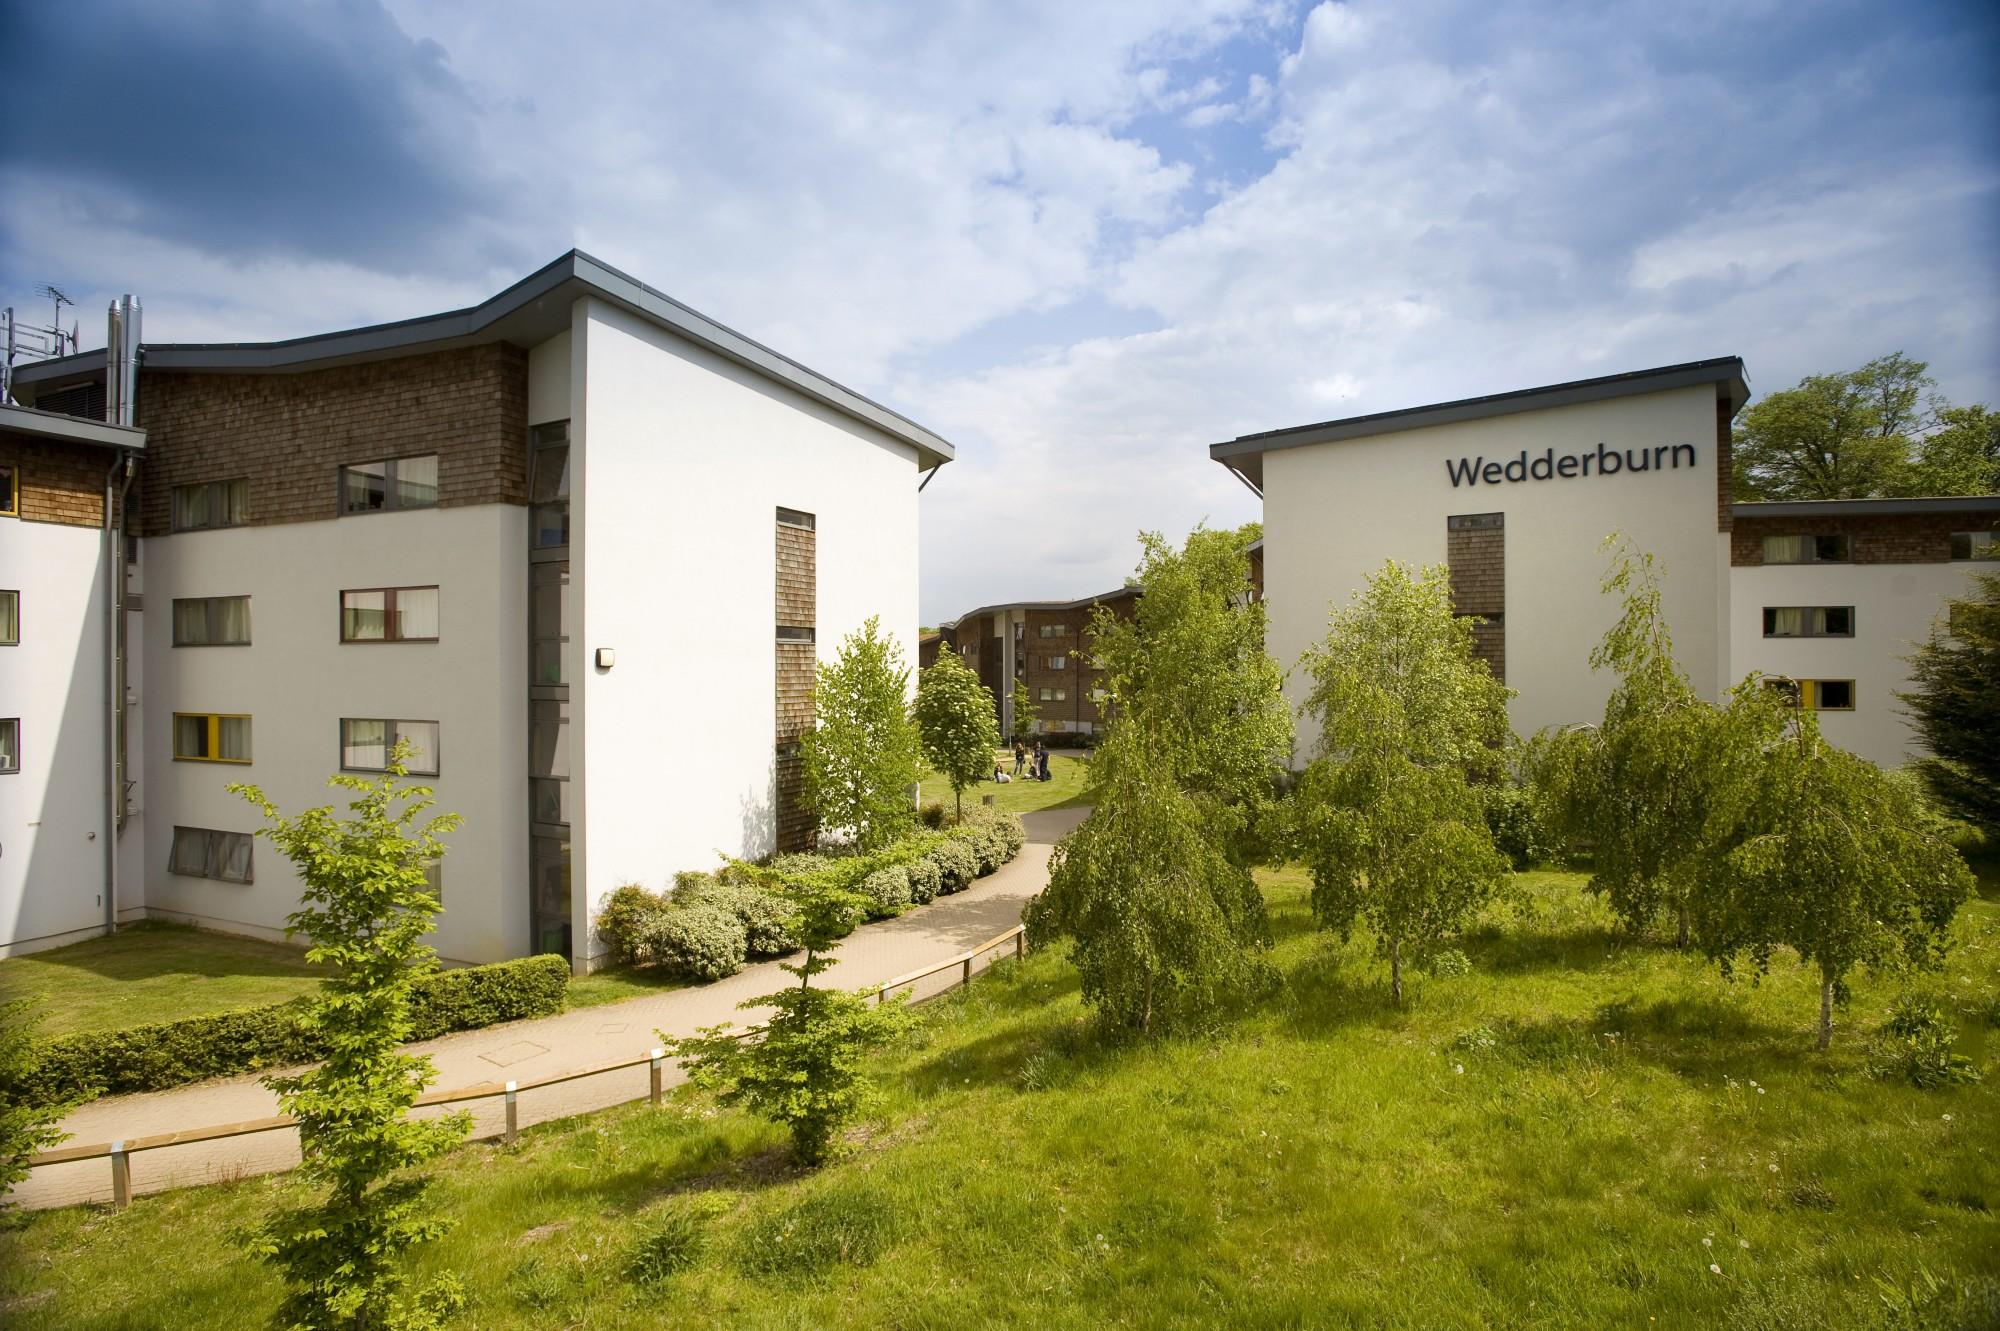 Студенческие общежития Royal Holloway